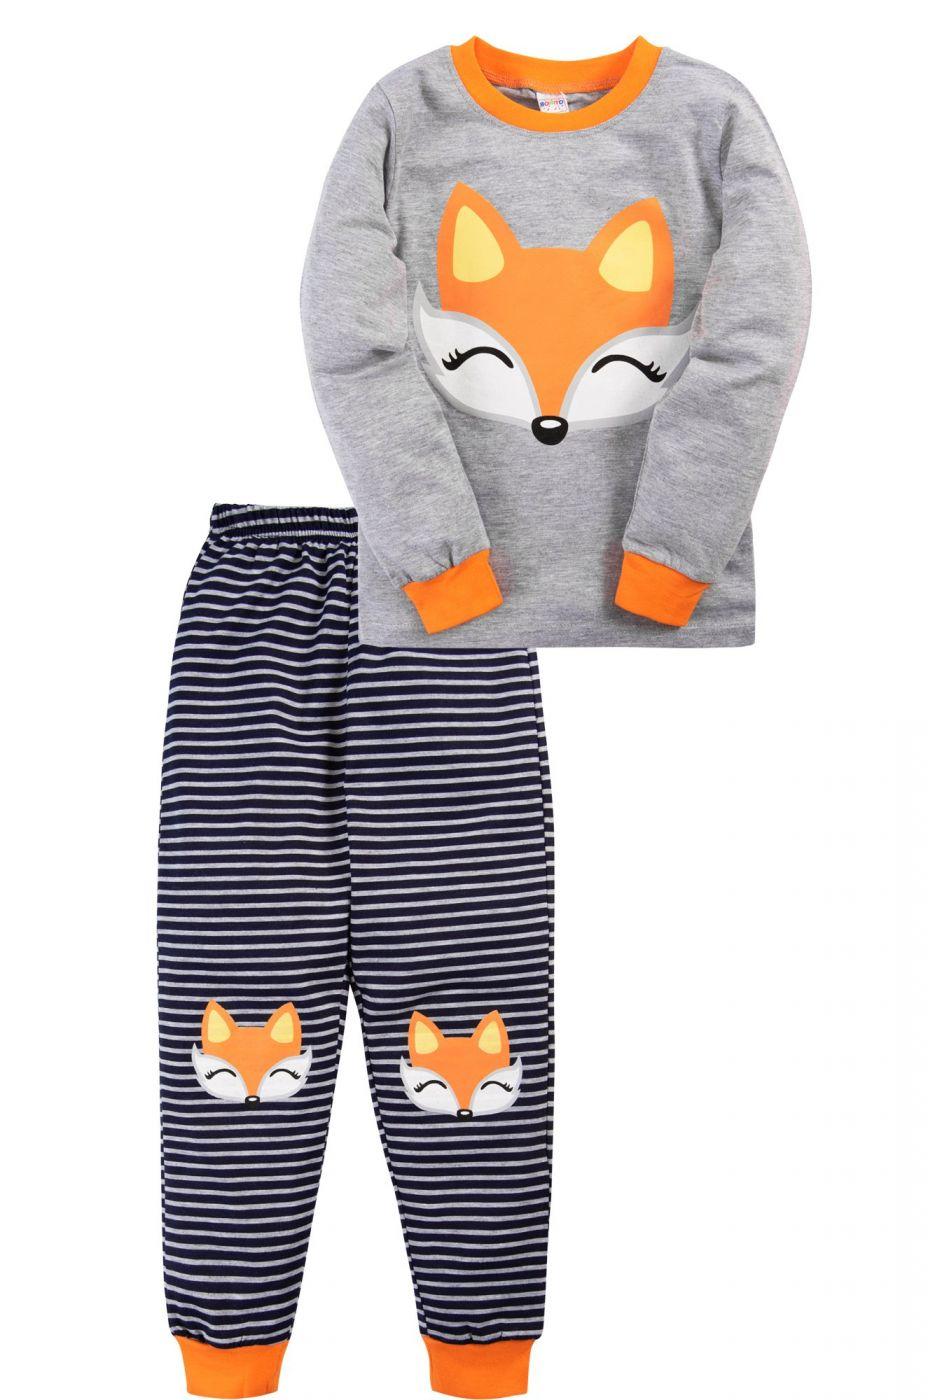 Пижама для девочки Bonito серая с мордочкой лисенка